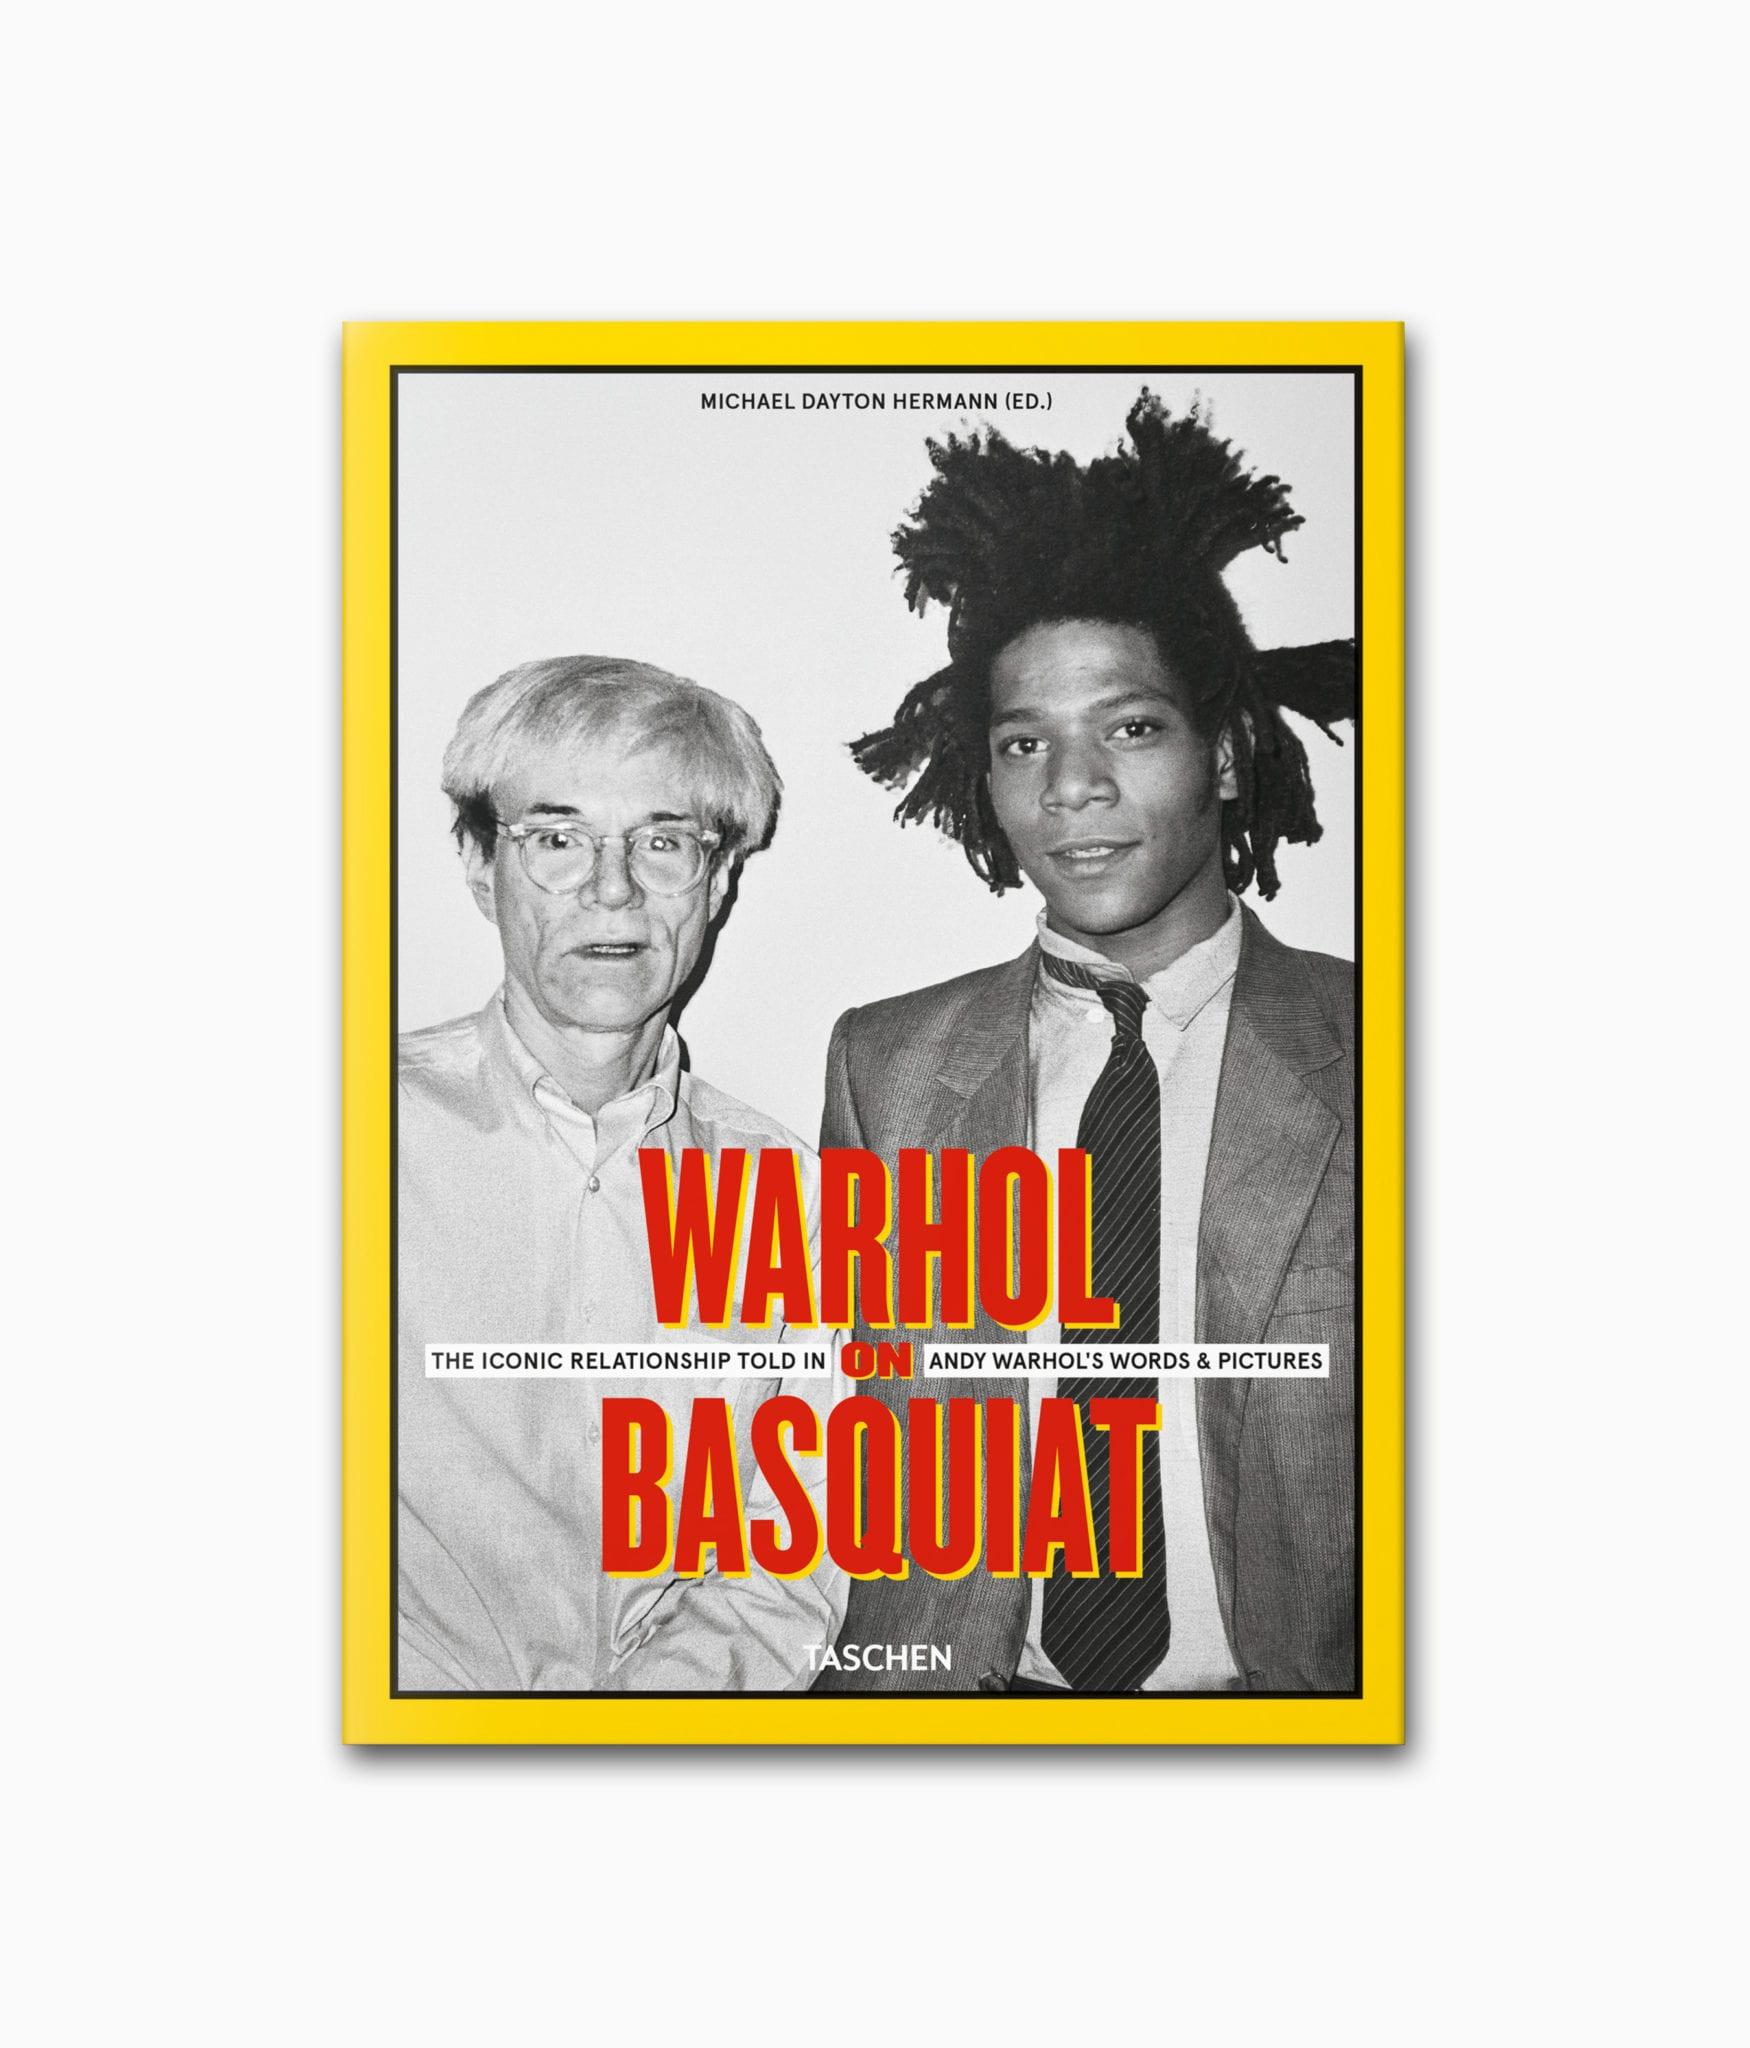 Buchcover von einem Kunstbuch über die berühmten Künstler Andy Warhol und Jean-Michel Basquiat namens Warhol on Basquiat aus dem TASCHEN Verlag